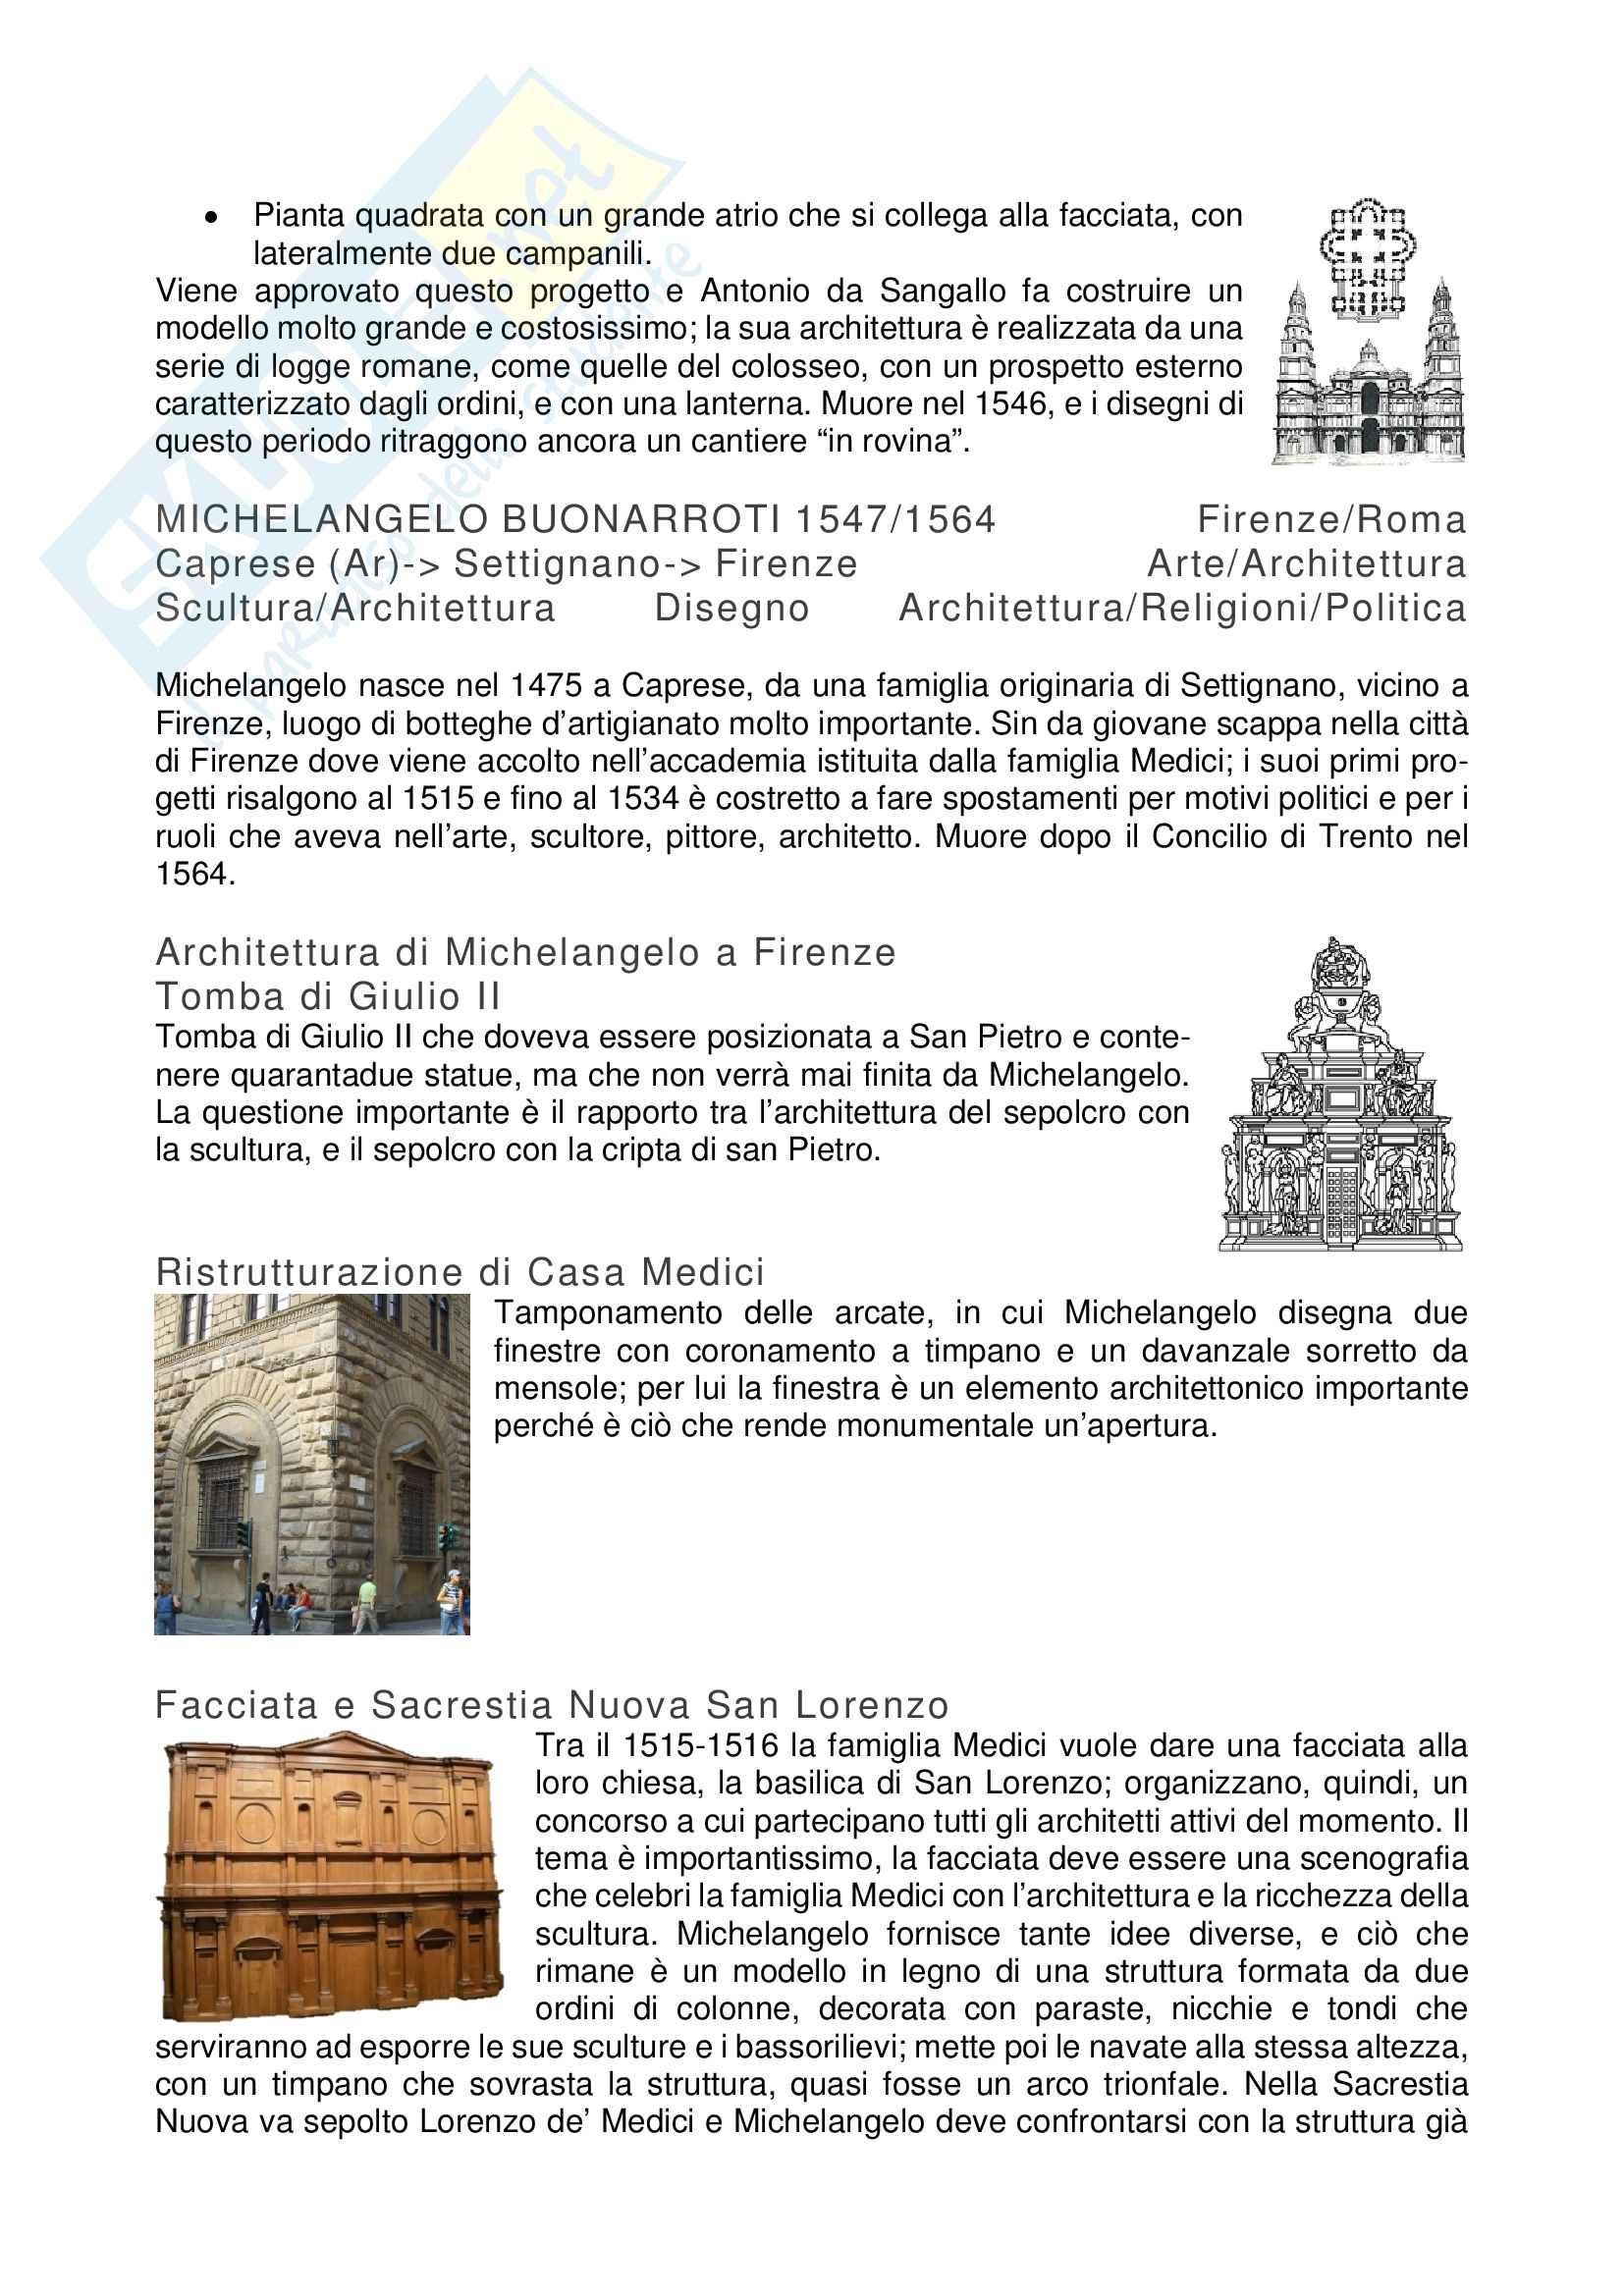 Storia dell'architettura 1 Pag. 71